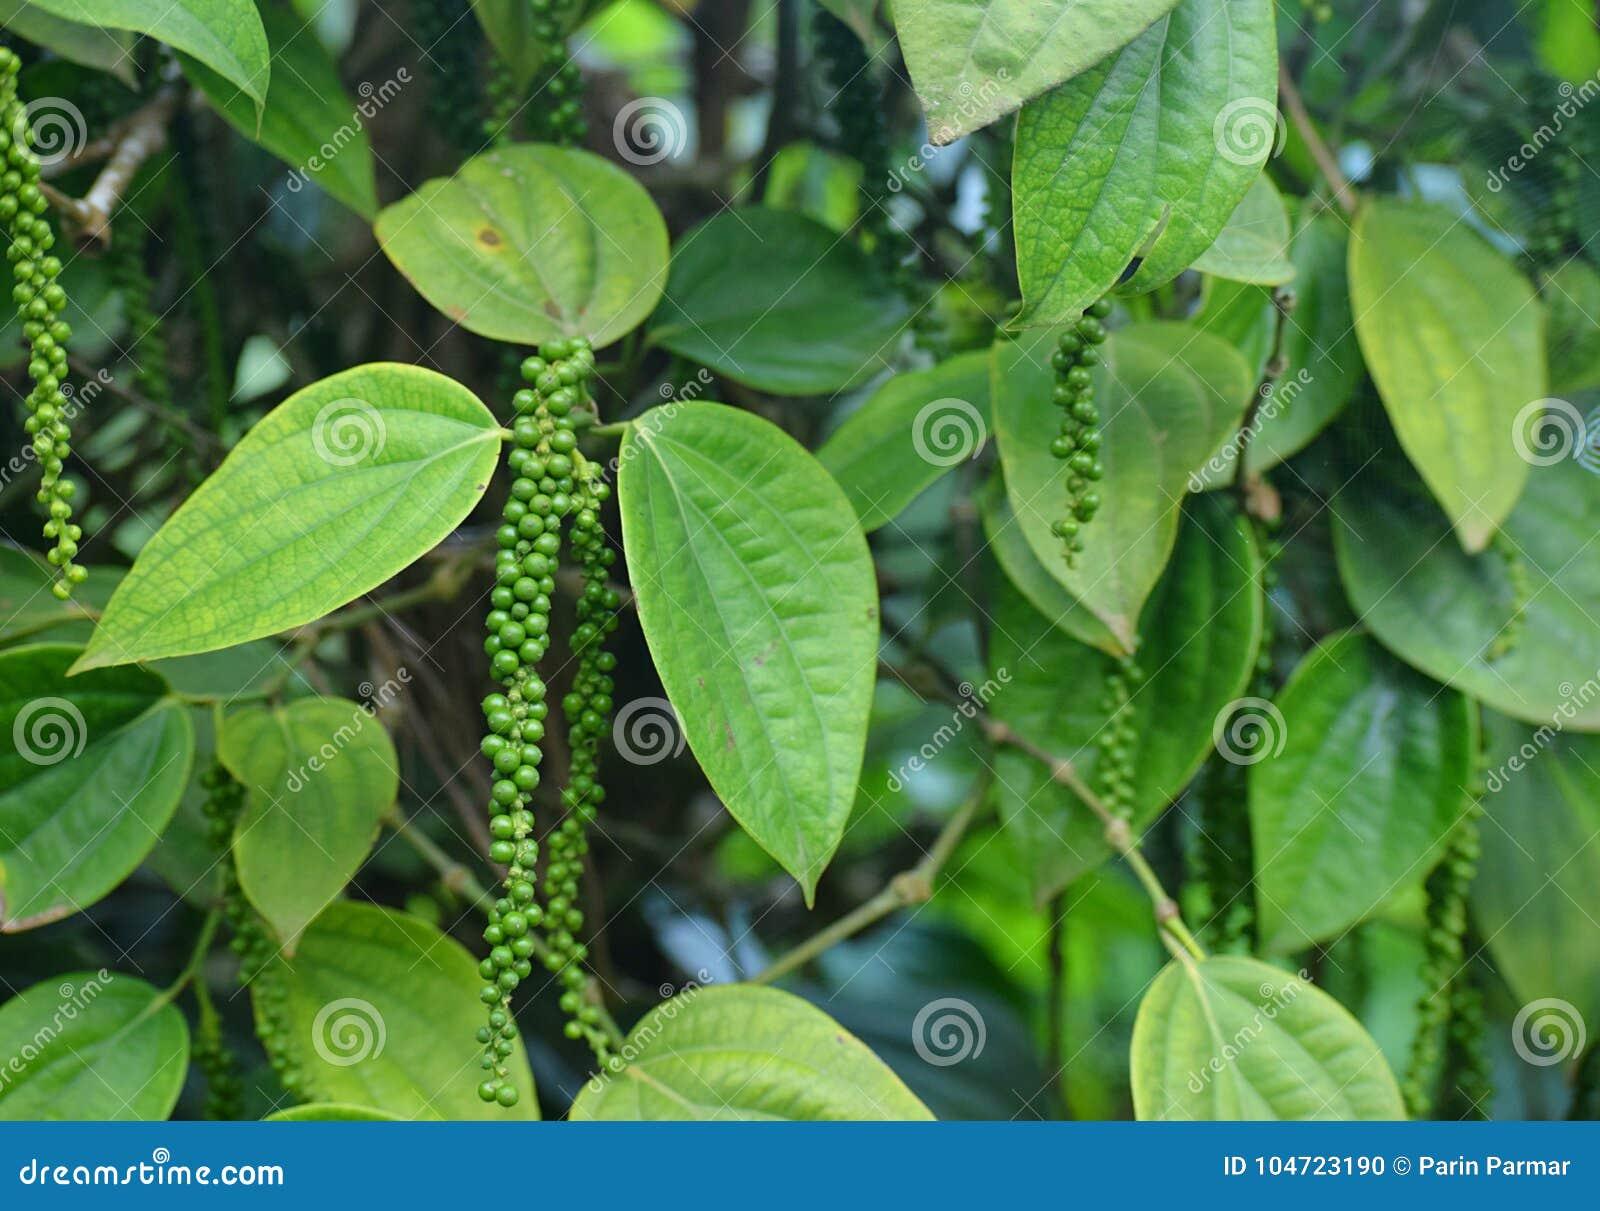 Vid de pimienta negra - Piper Nigrum - drupas verdes con las hojas en Kerala, la India